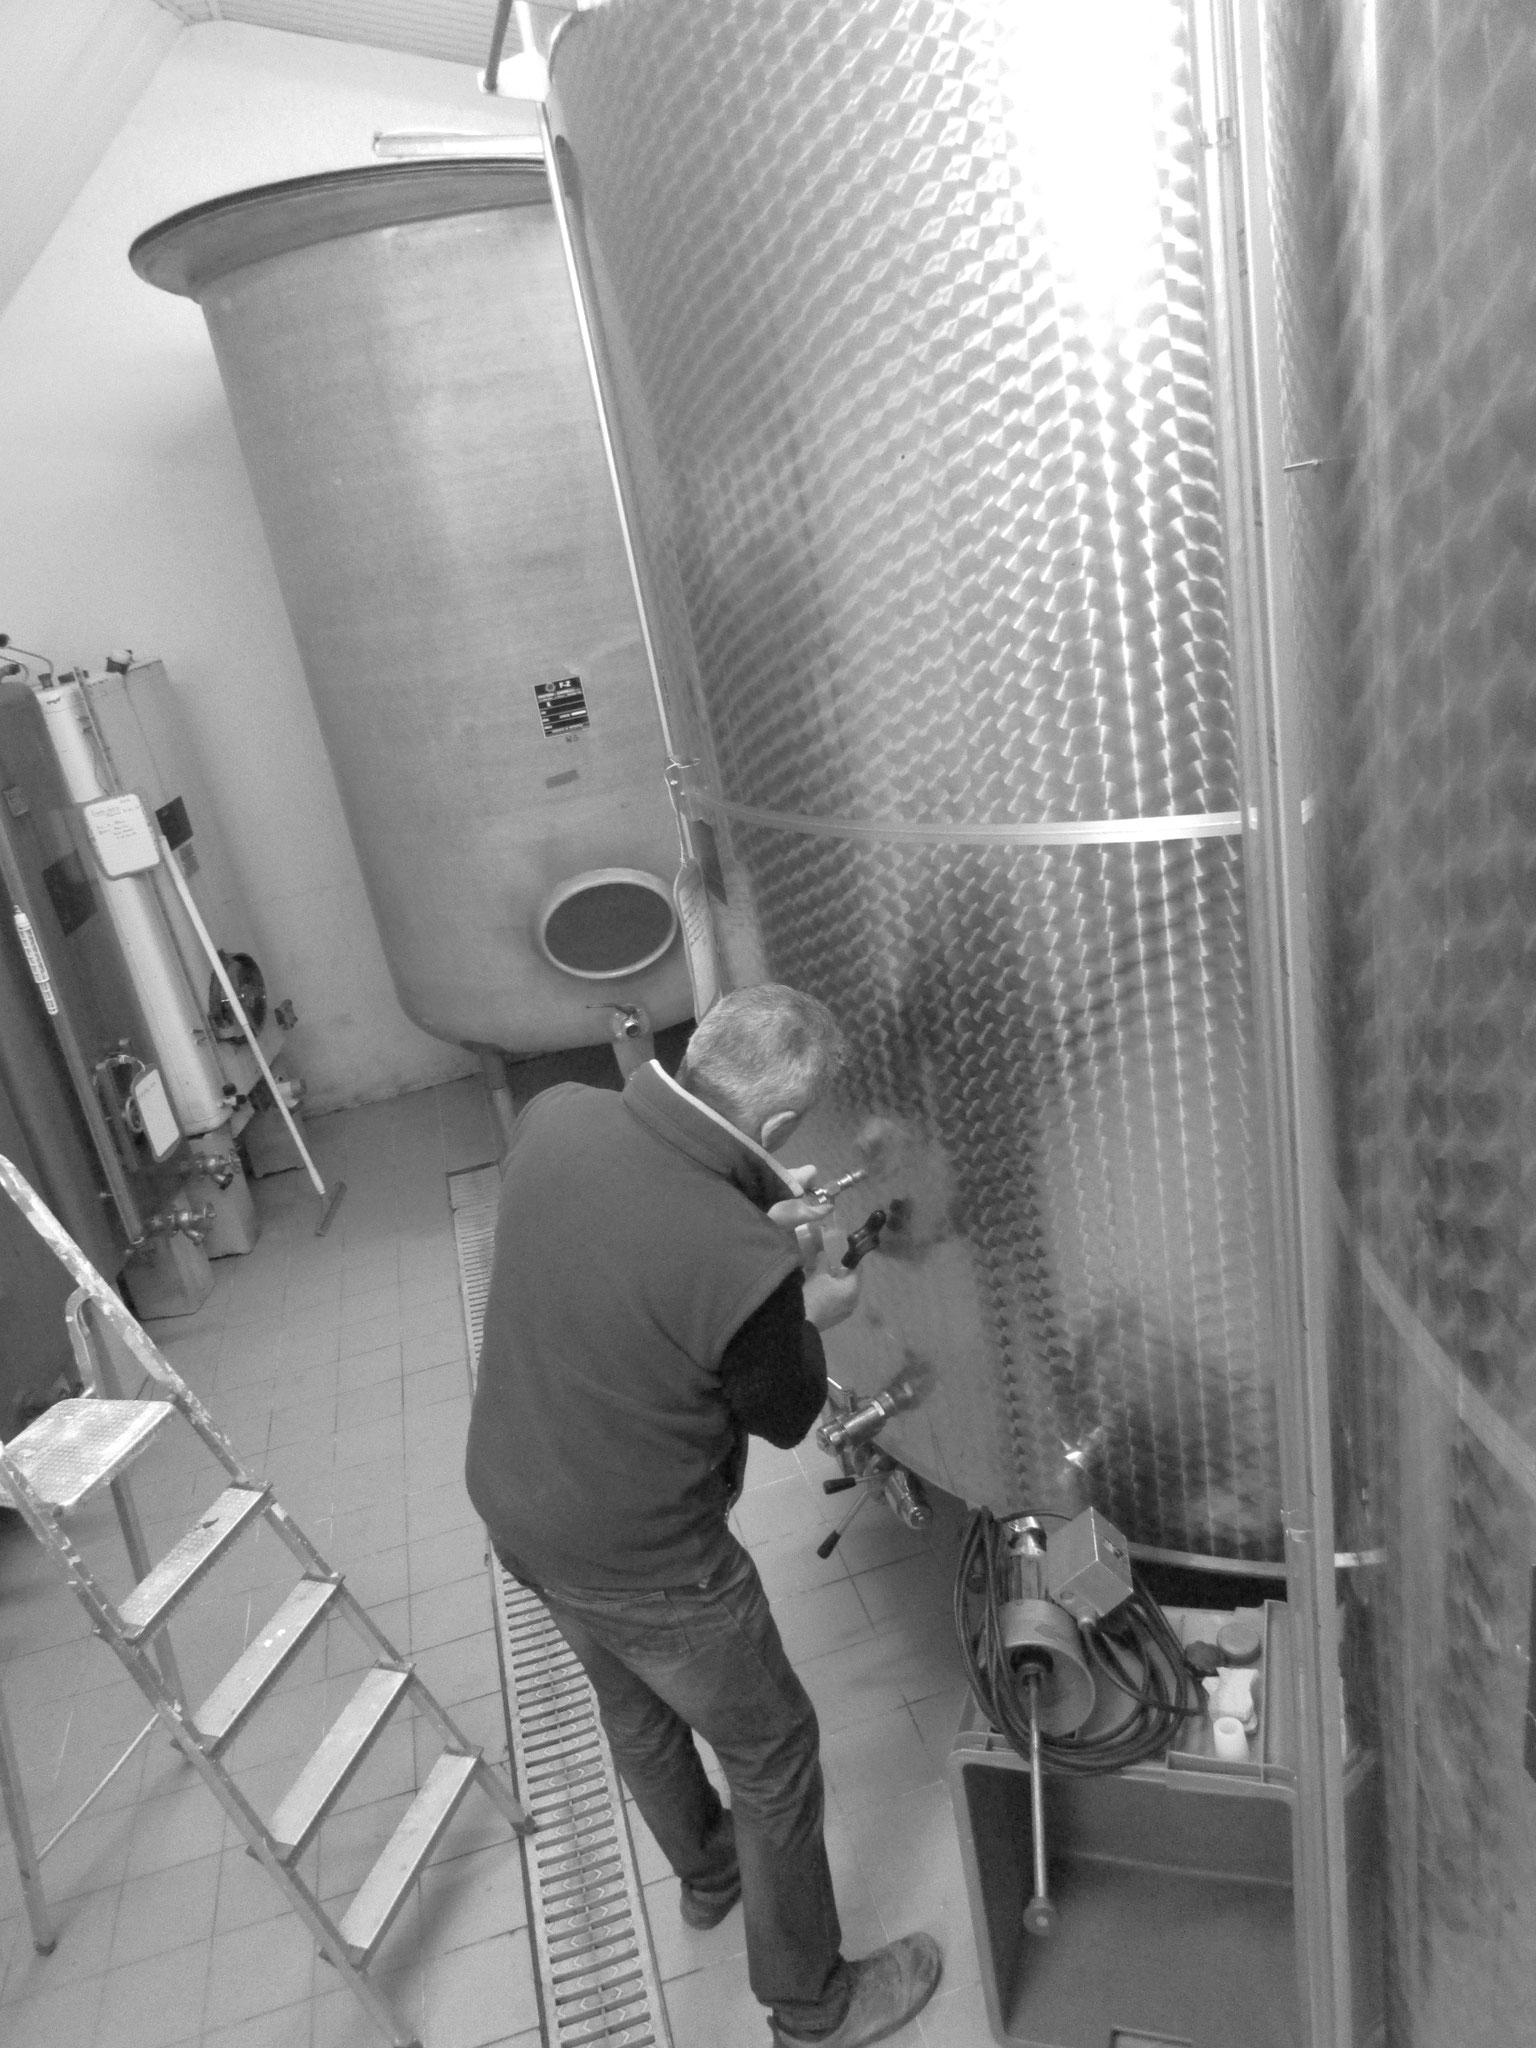 Les vins restent dans la cuverie avant le tirage